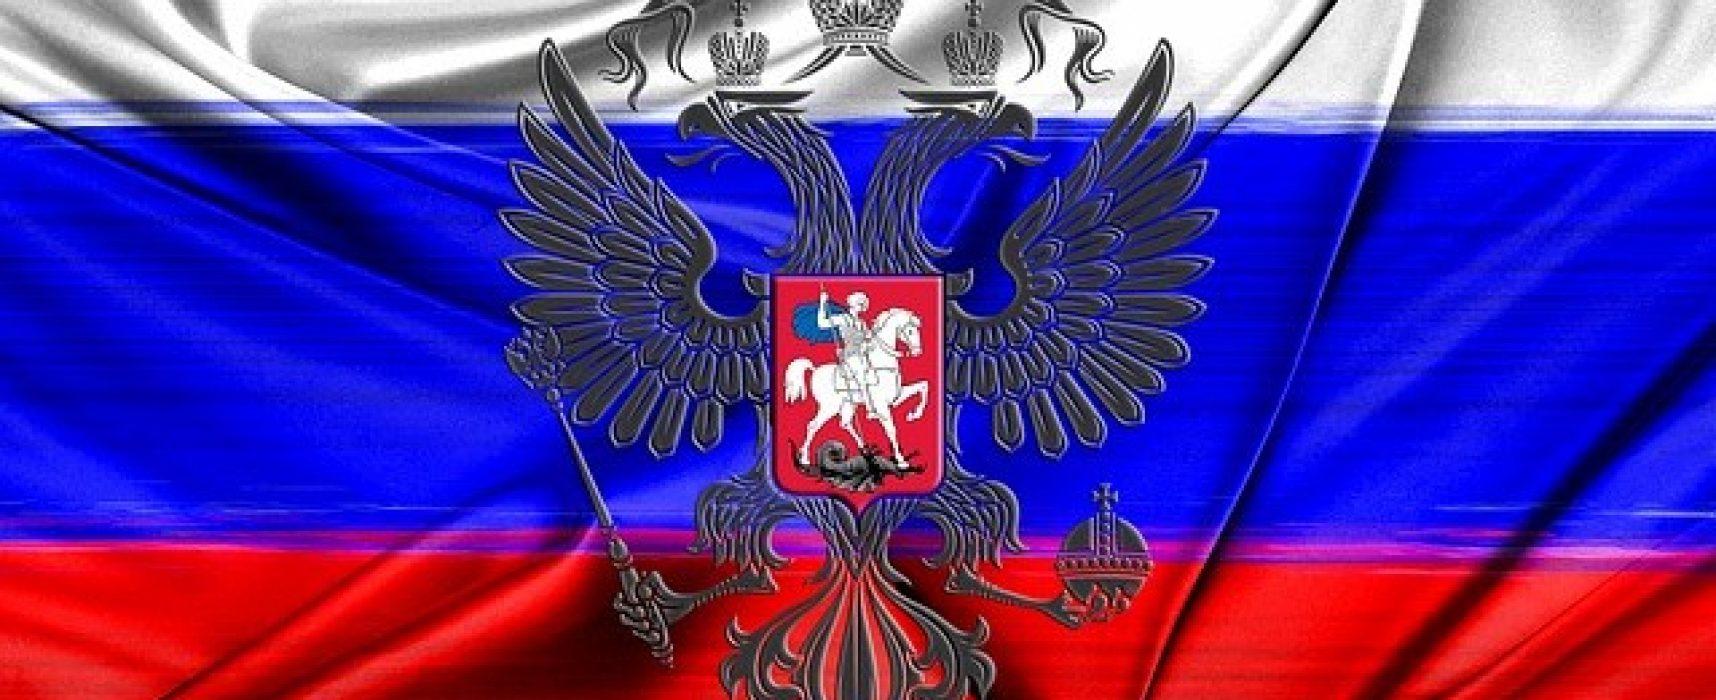 Jan Schneider a ruské mýty o neziskovkách